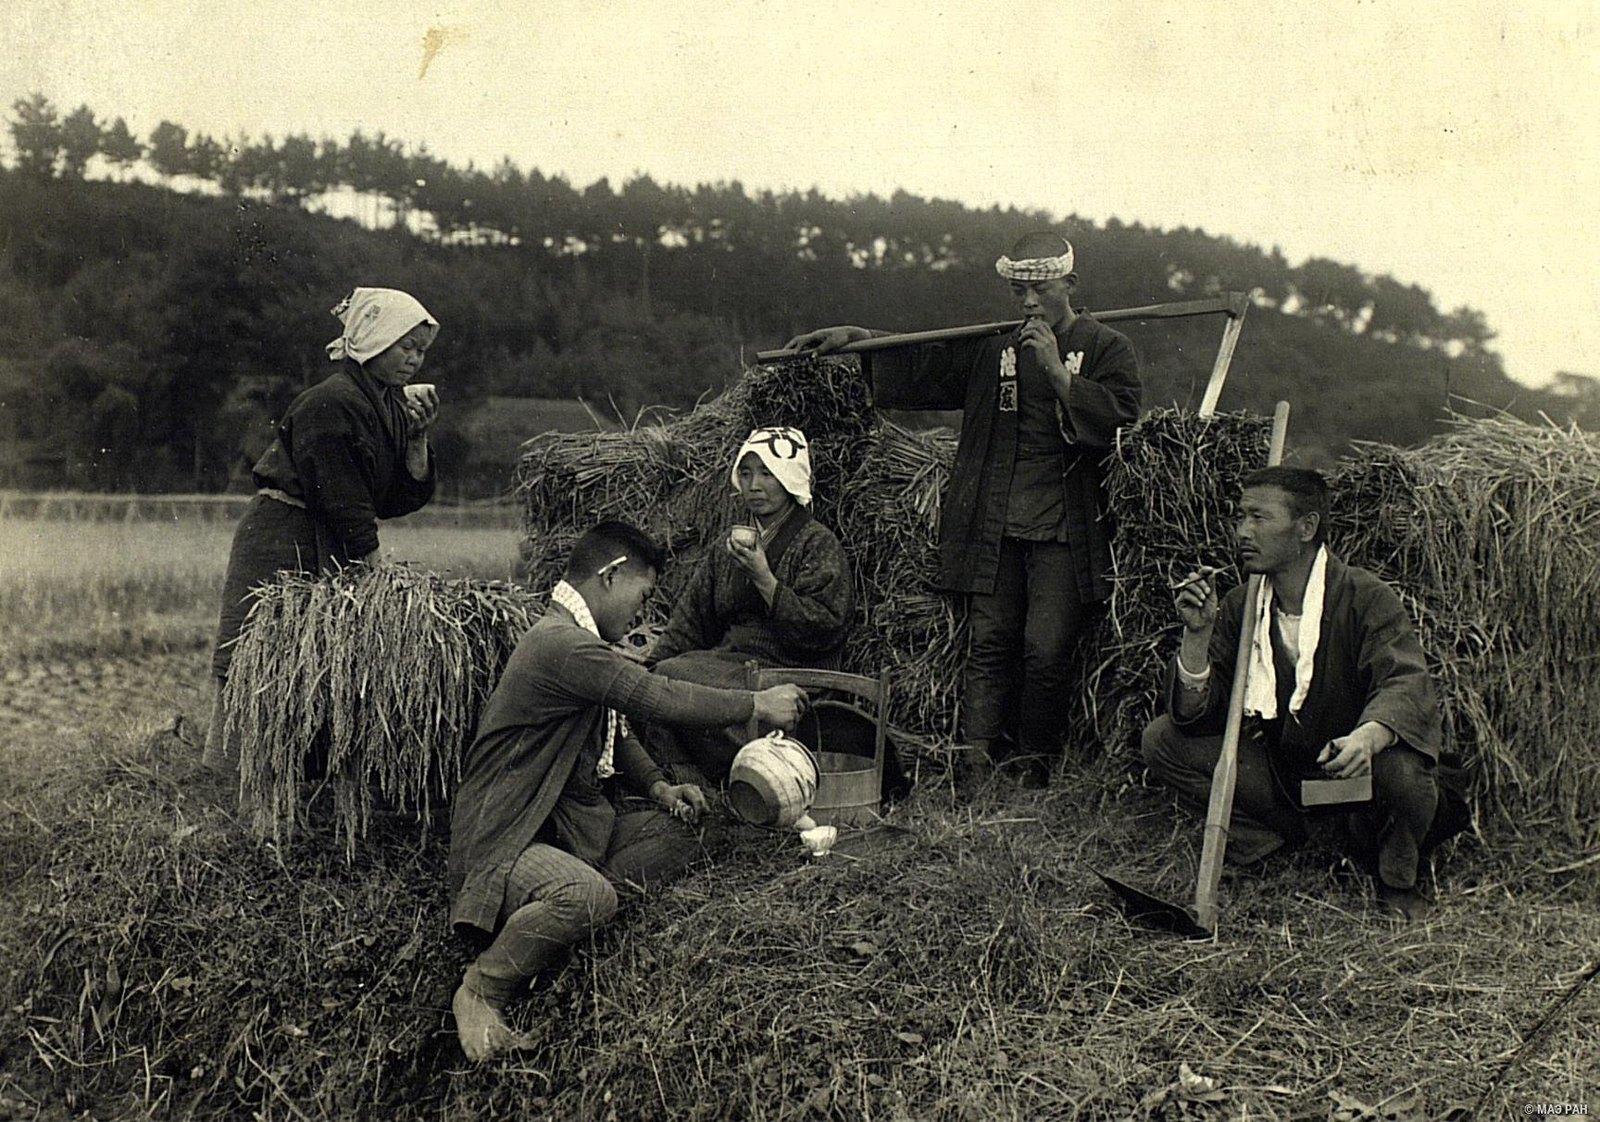 01. Крестьяне, отдыхающие в поле, во время сенокоса. Префектура Токио